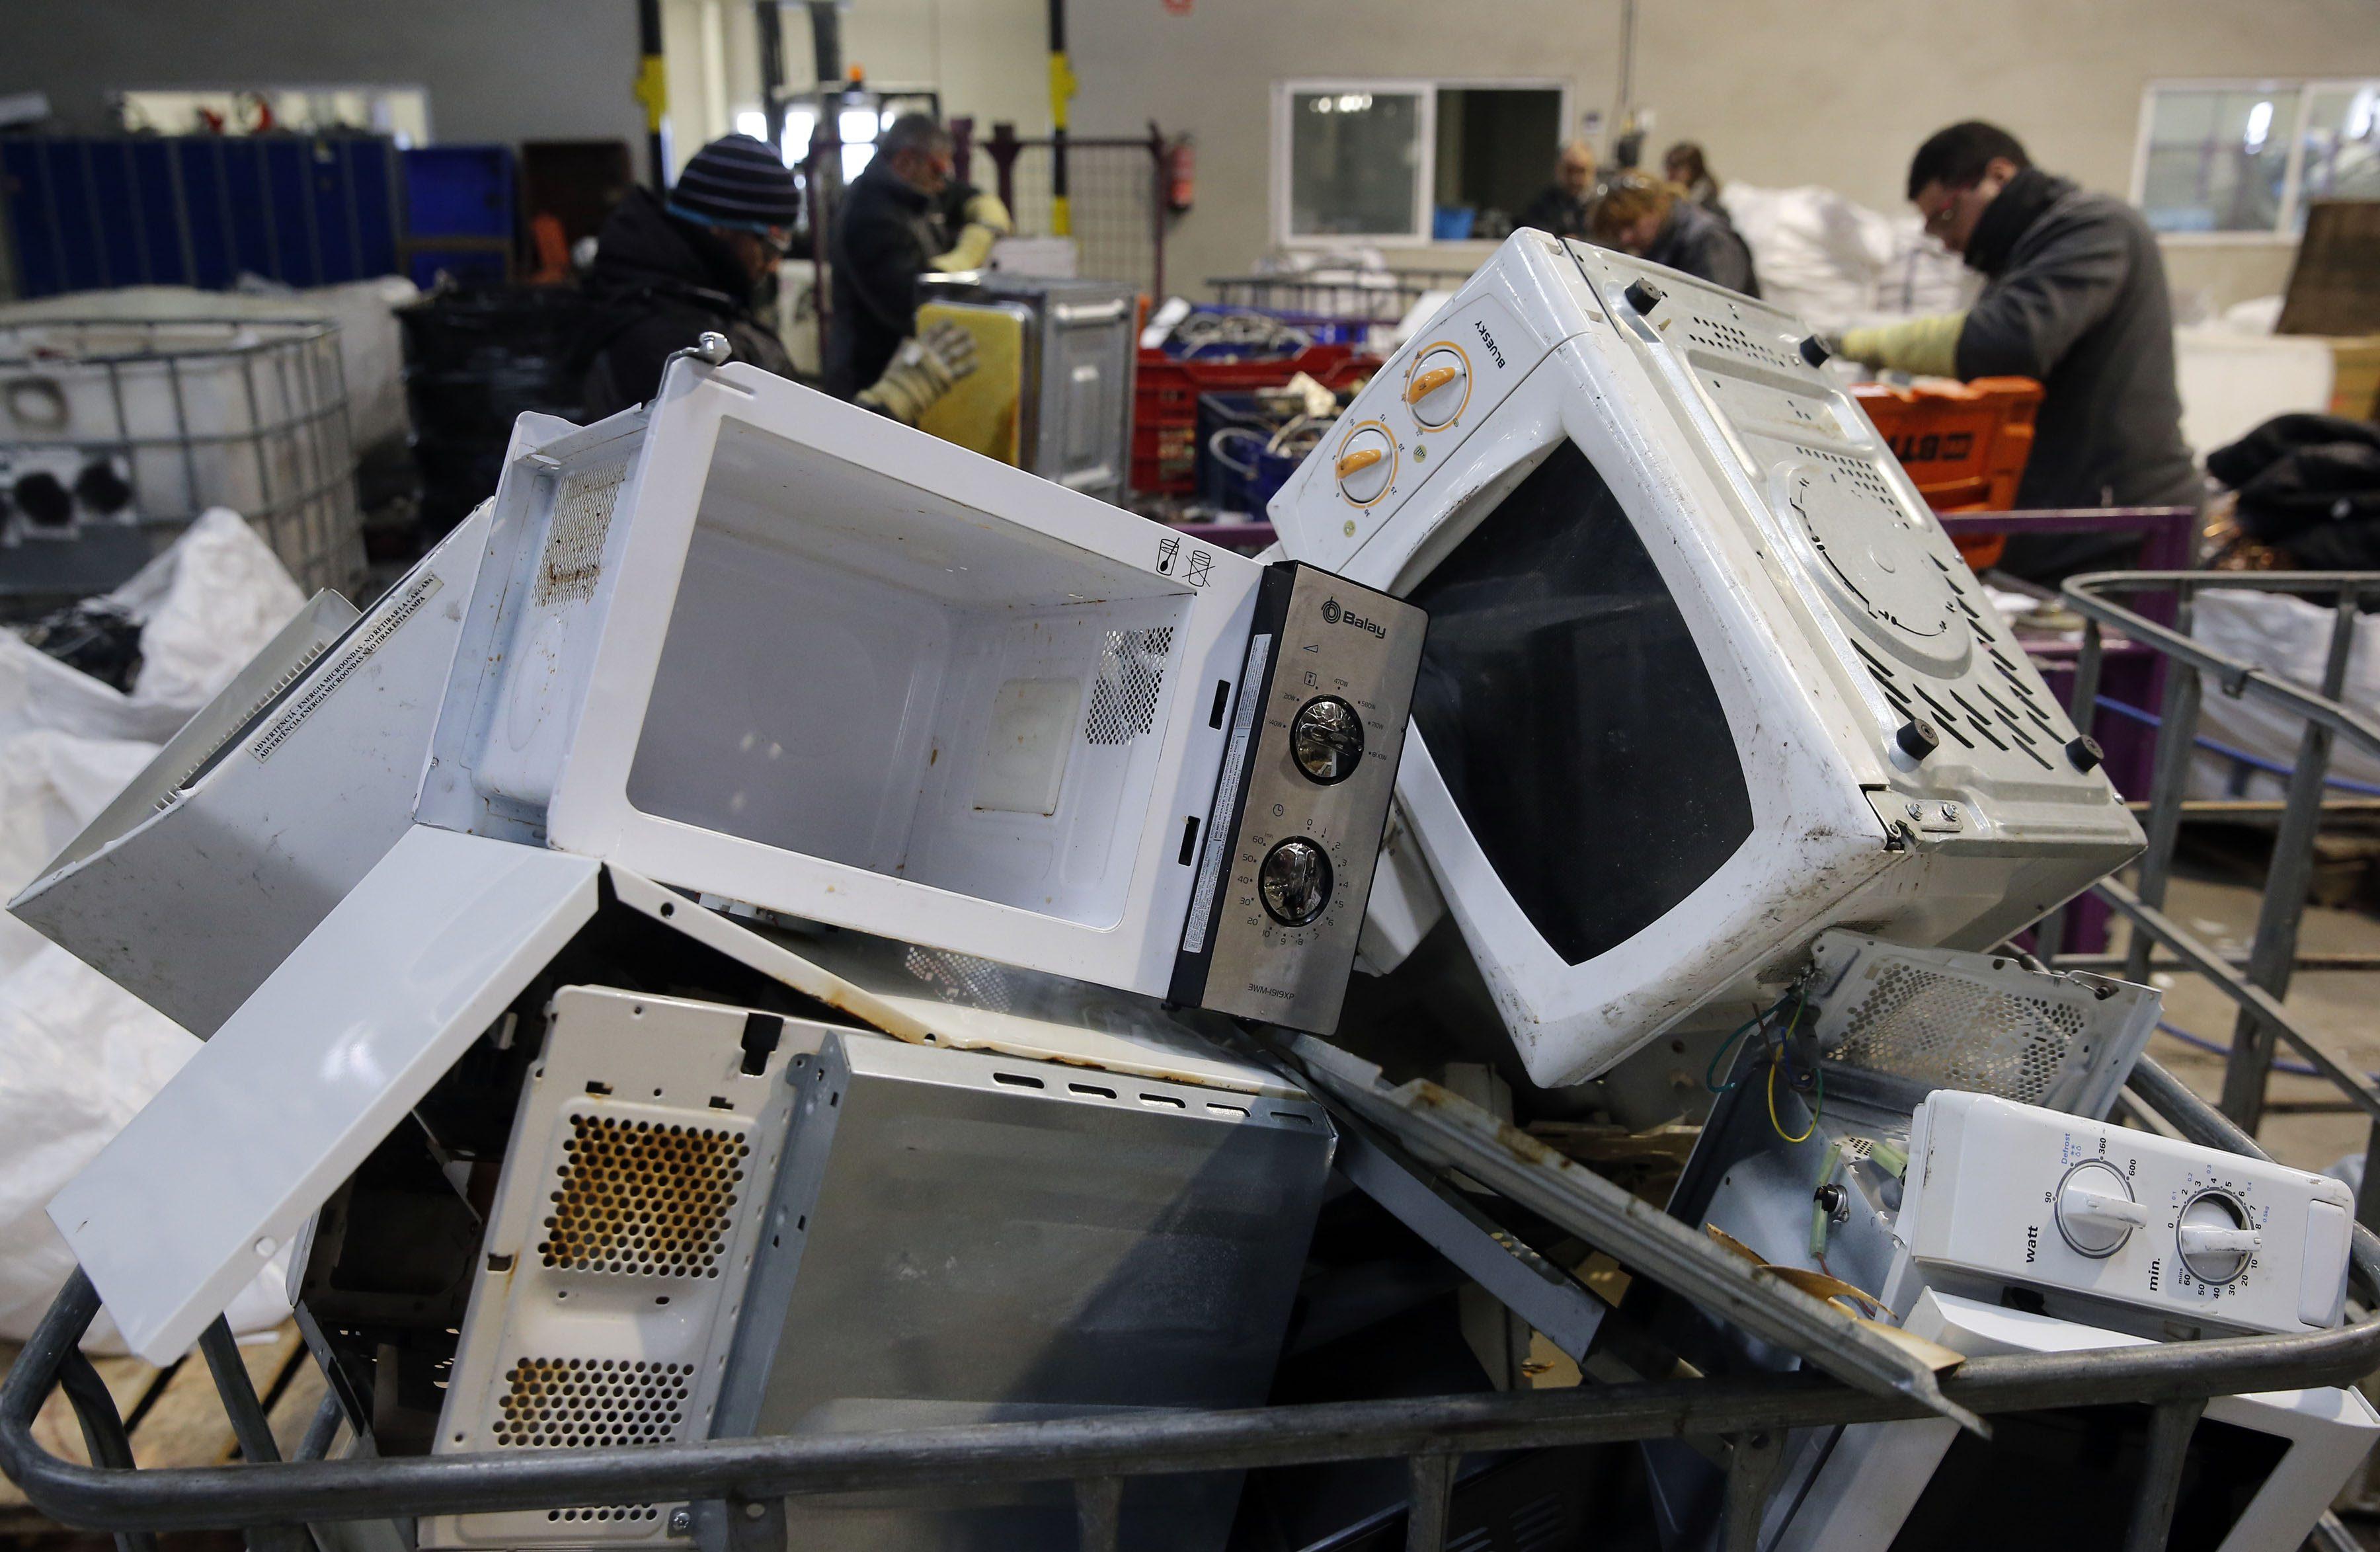 Elettrodomestici: quelli di Bosch, Siemens e Beko durano di ...